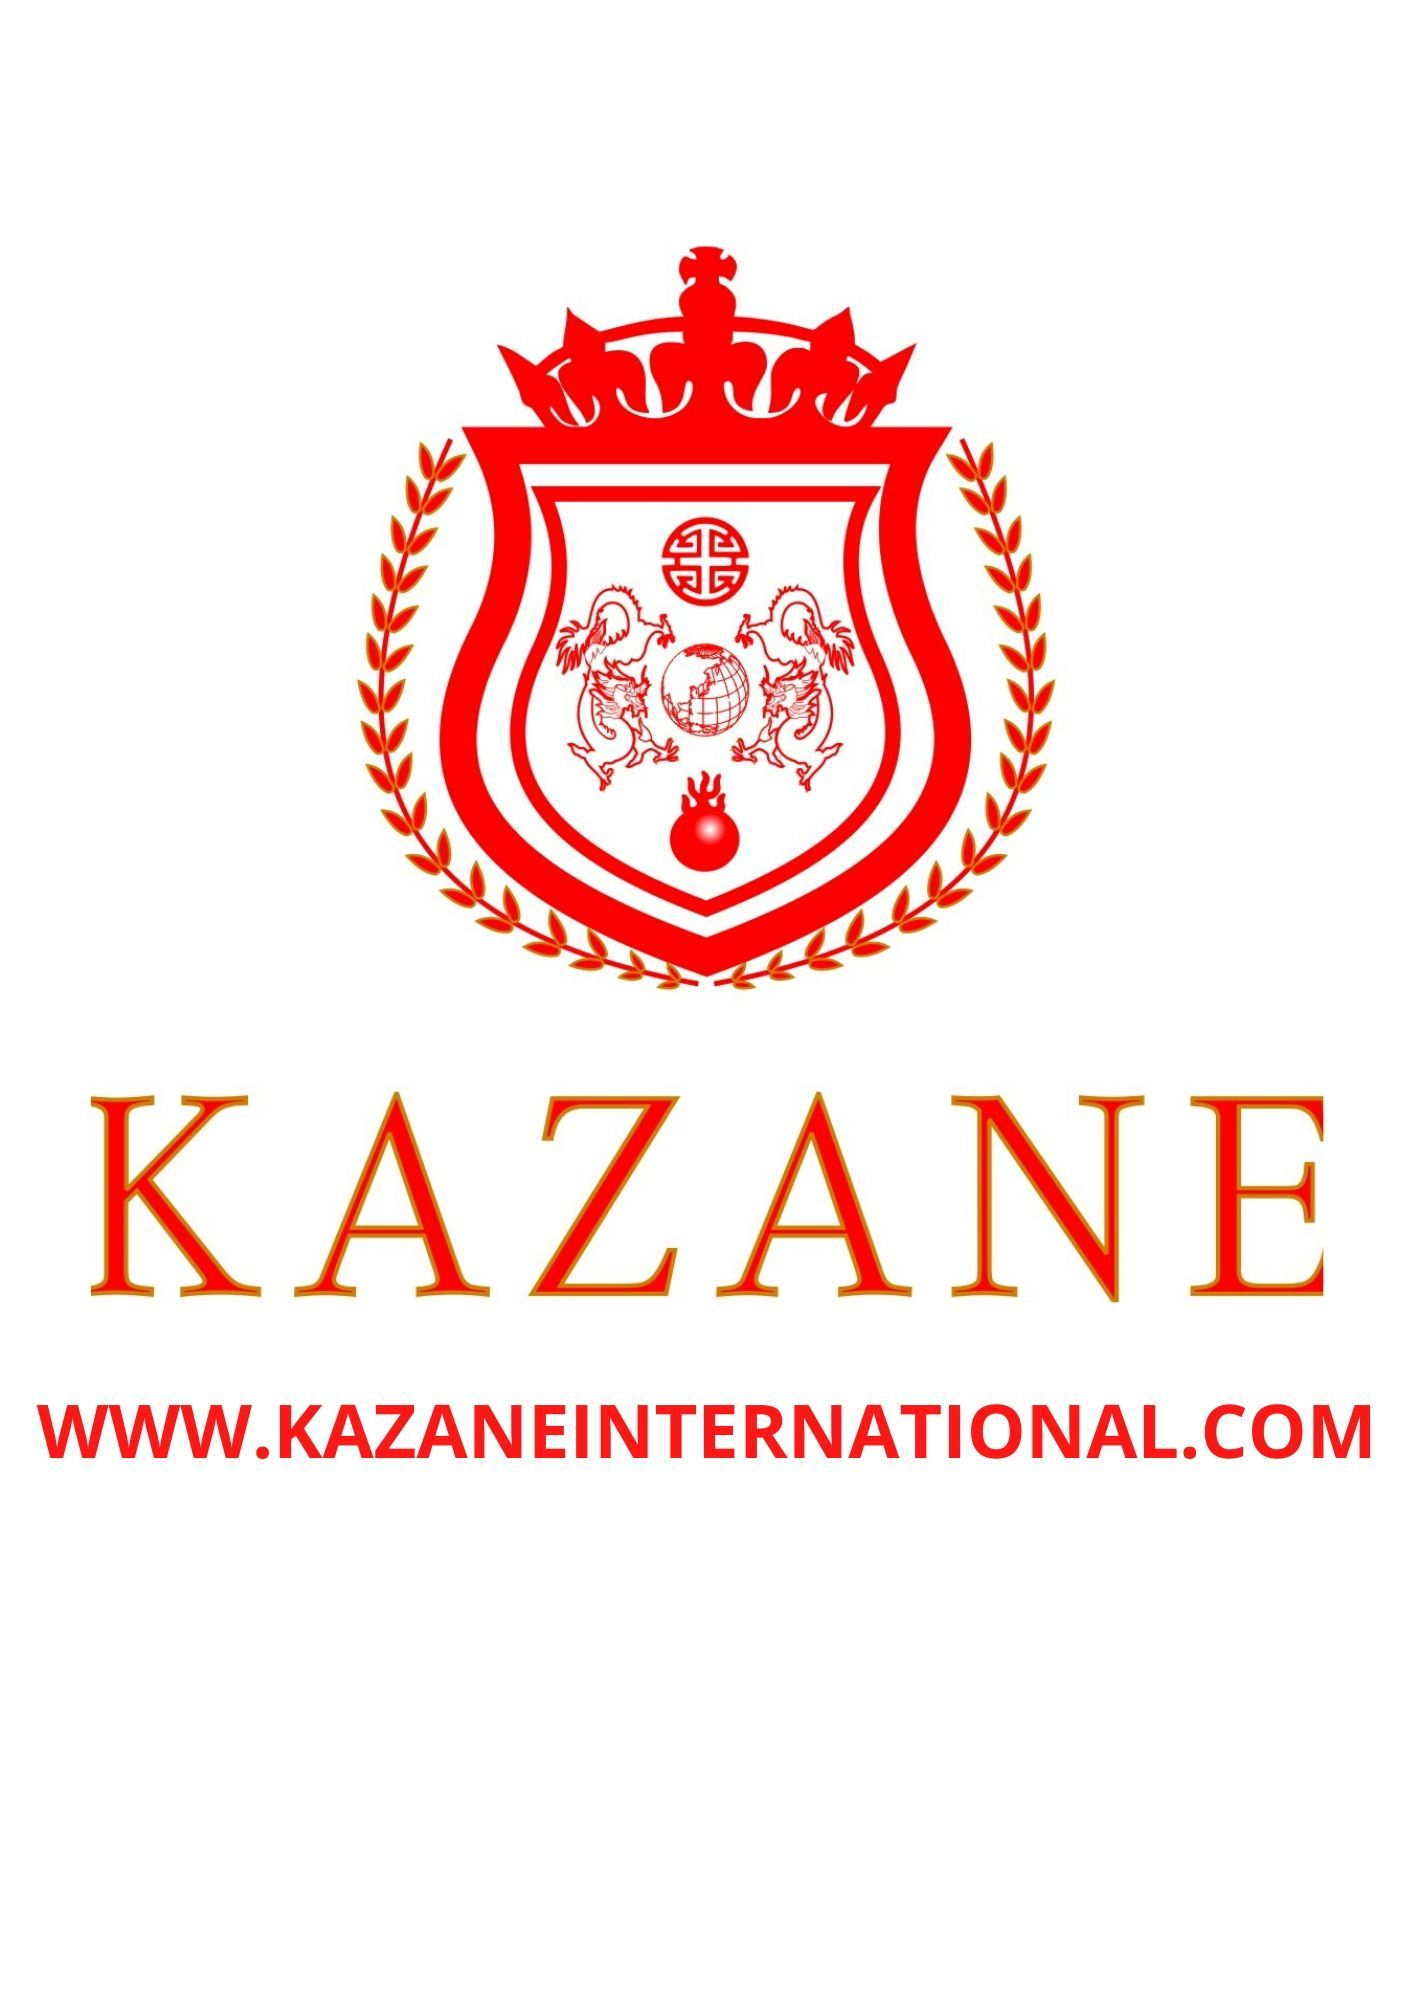 Pin on Kazane Kopi Luwak Coffee